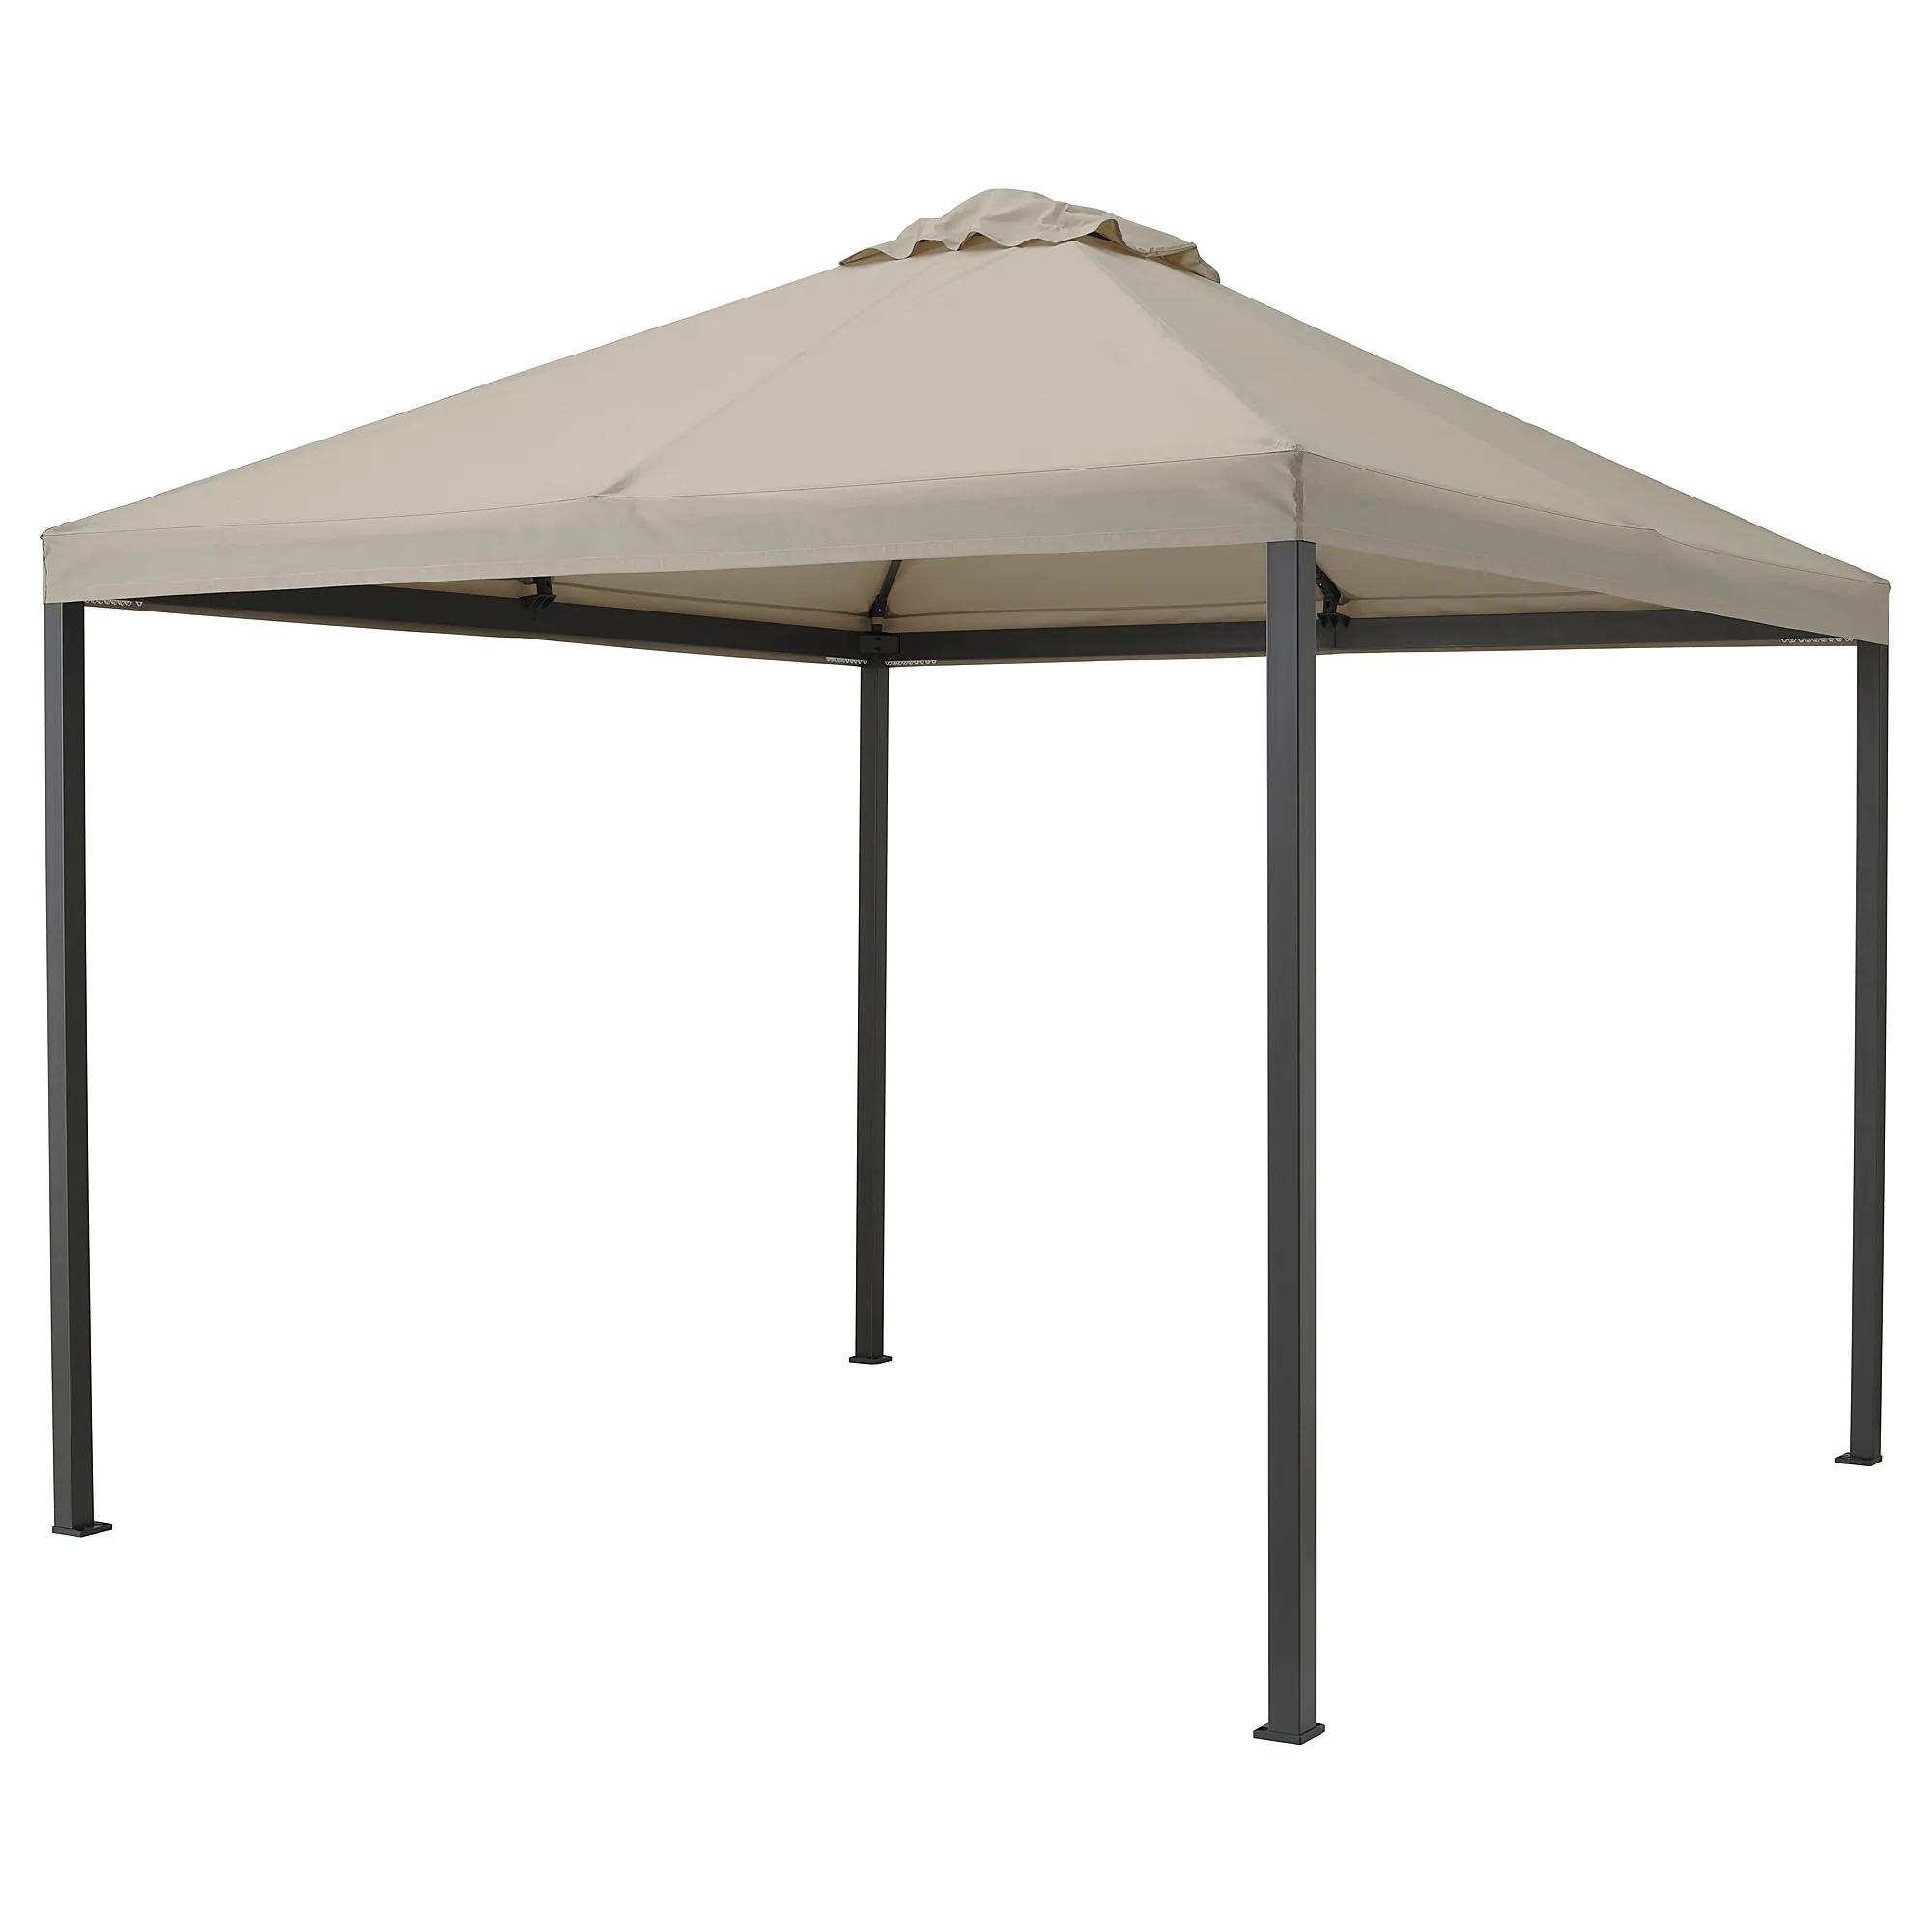 HIMMELSÖ Cenador, gris oscuro/beige grisáceo300x300 cm